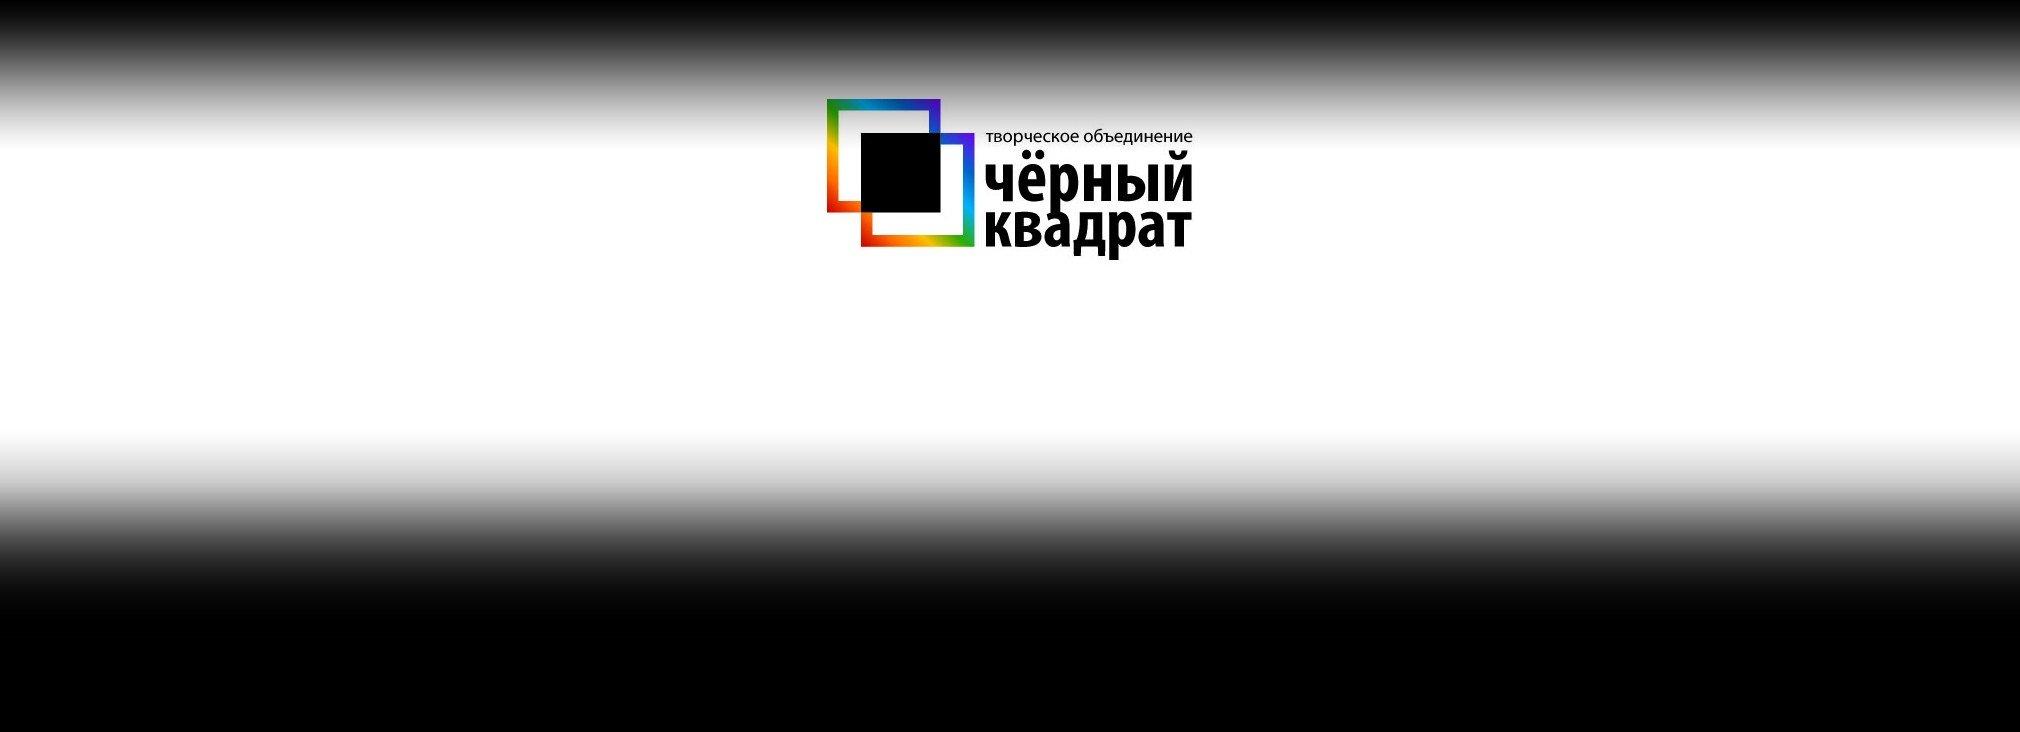 исполнитель Черный квадрат